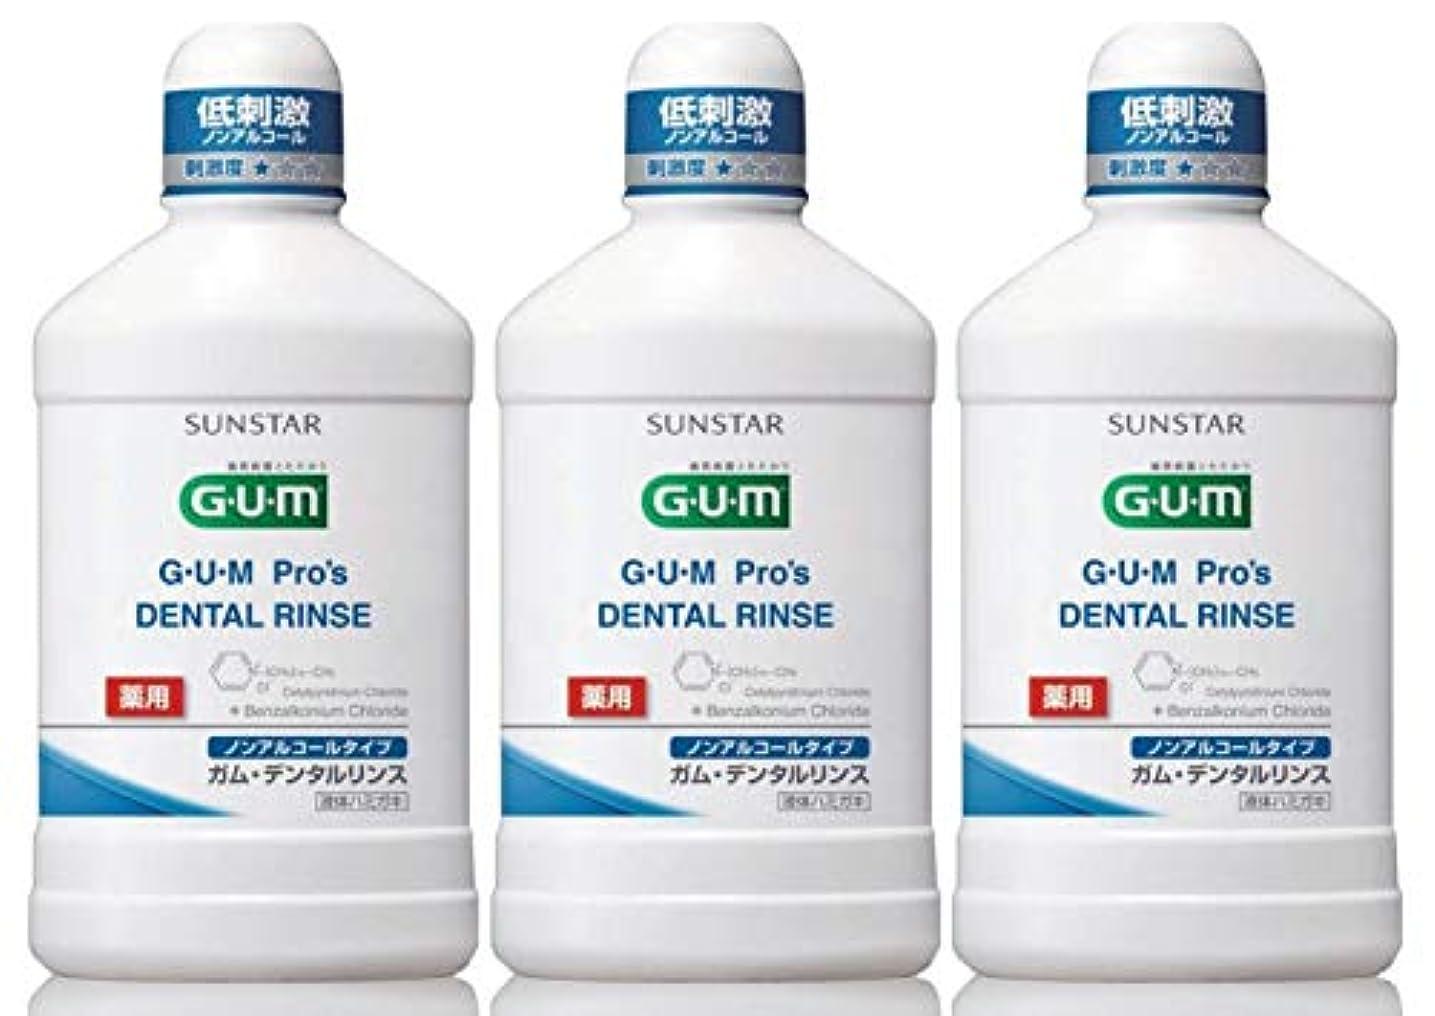 慣習ジョガー液化する薬用サンスター GUM Pro's デンタルリンス ノンアルコール 1本(500ml) 液体歯磨き× 3本